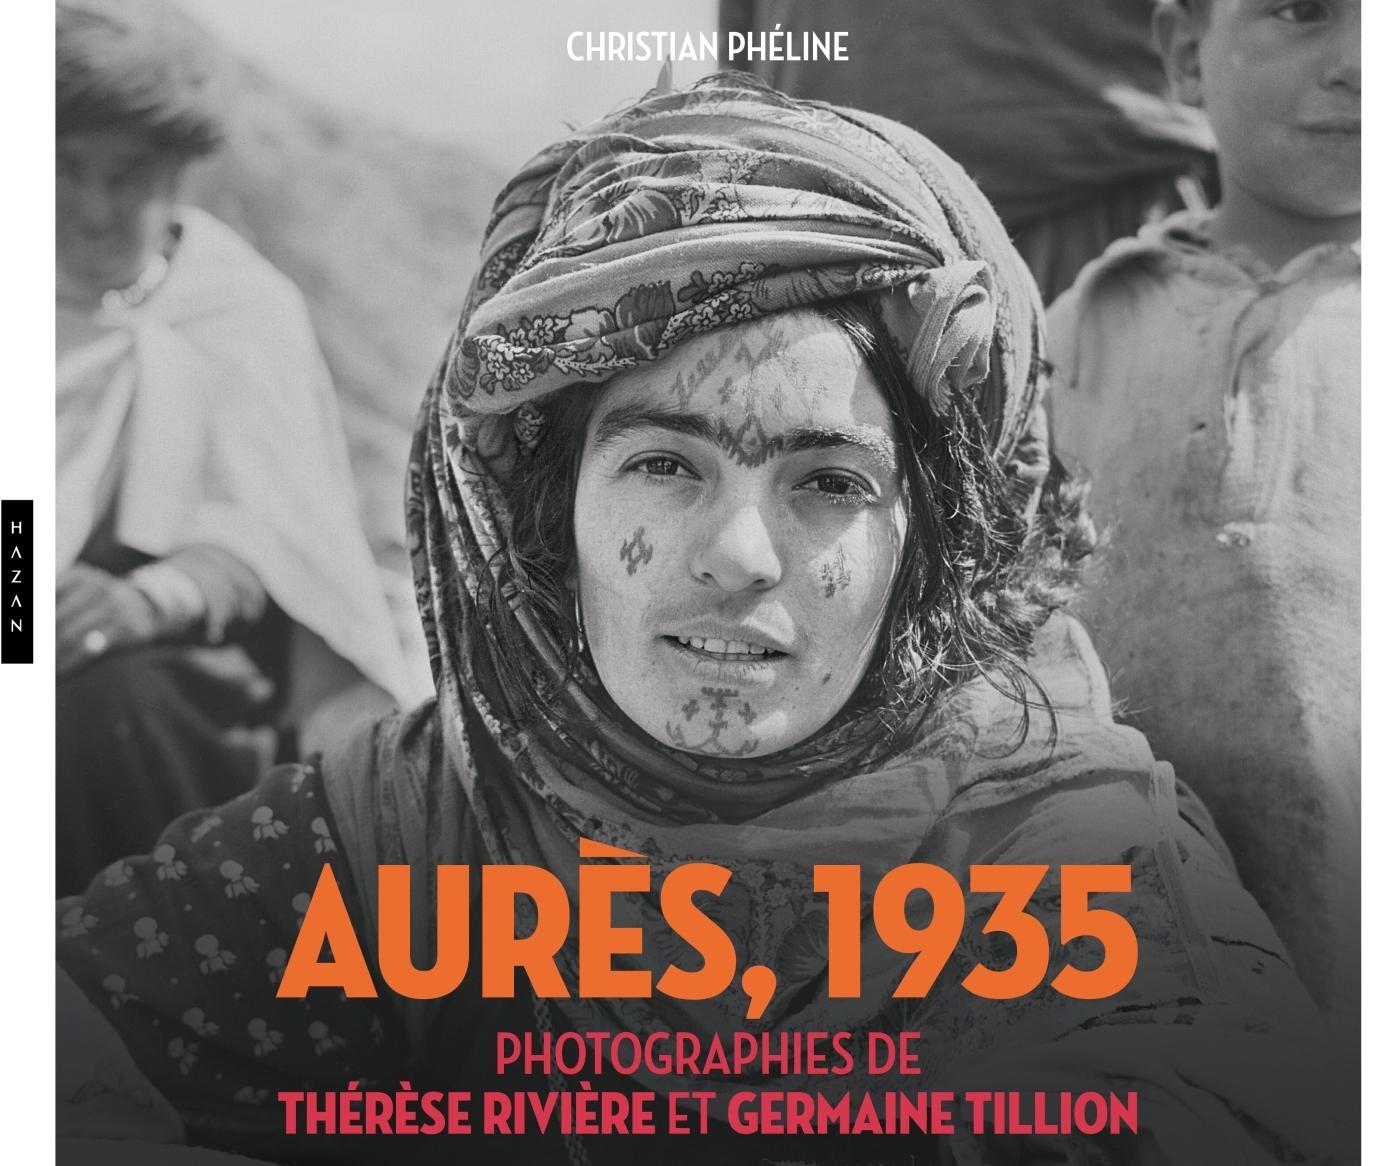 AURES (ALGERIE) 1935. PHOTOGRAPHIES DE THERESE RIVIERE ET GERMAINE TILLION